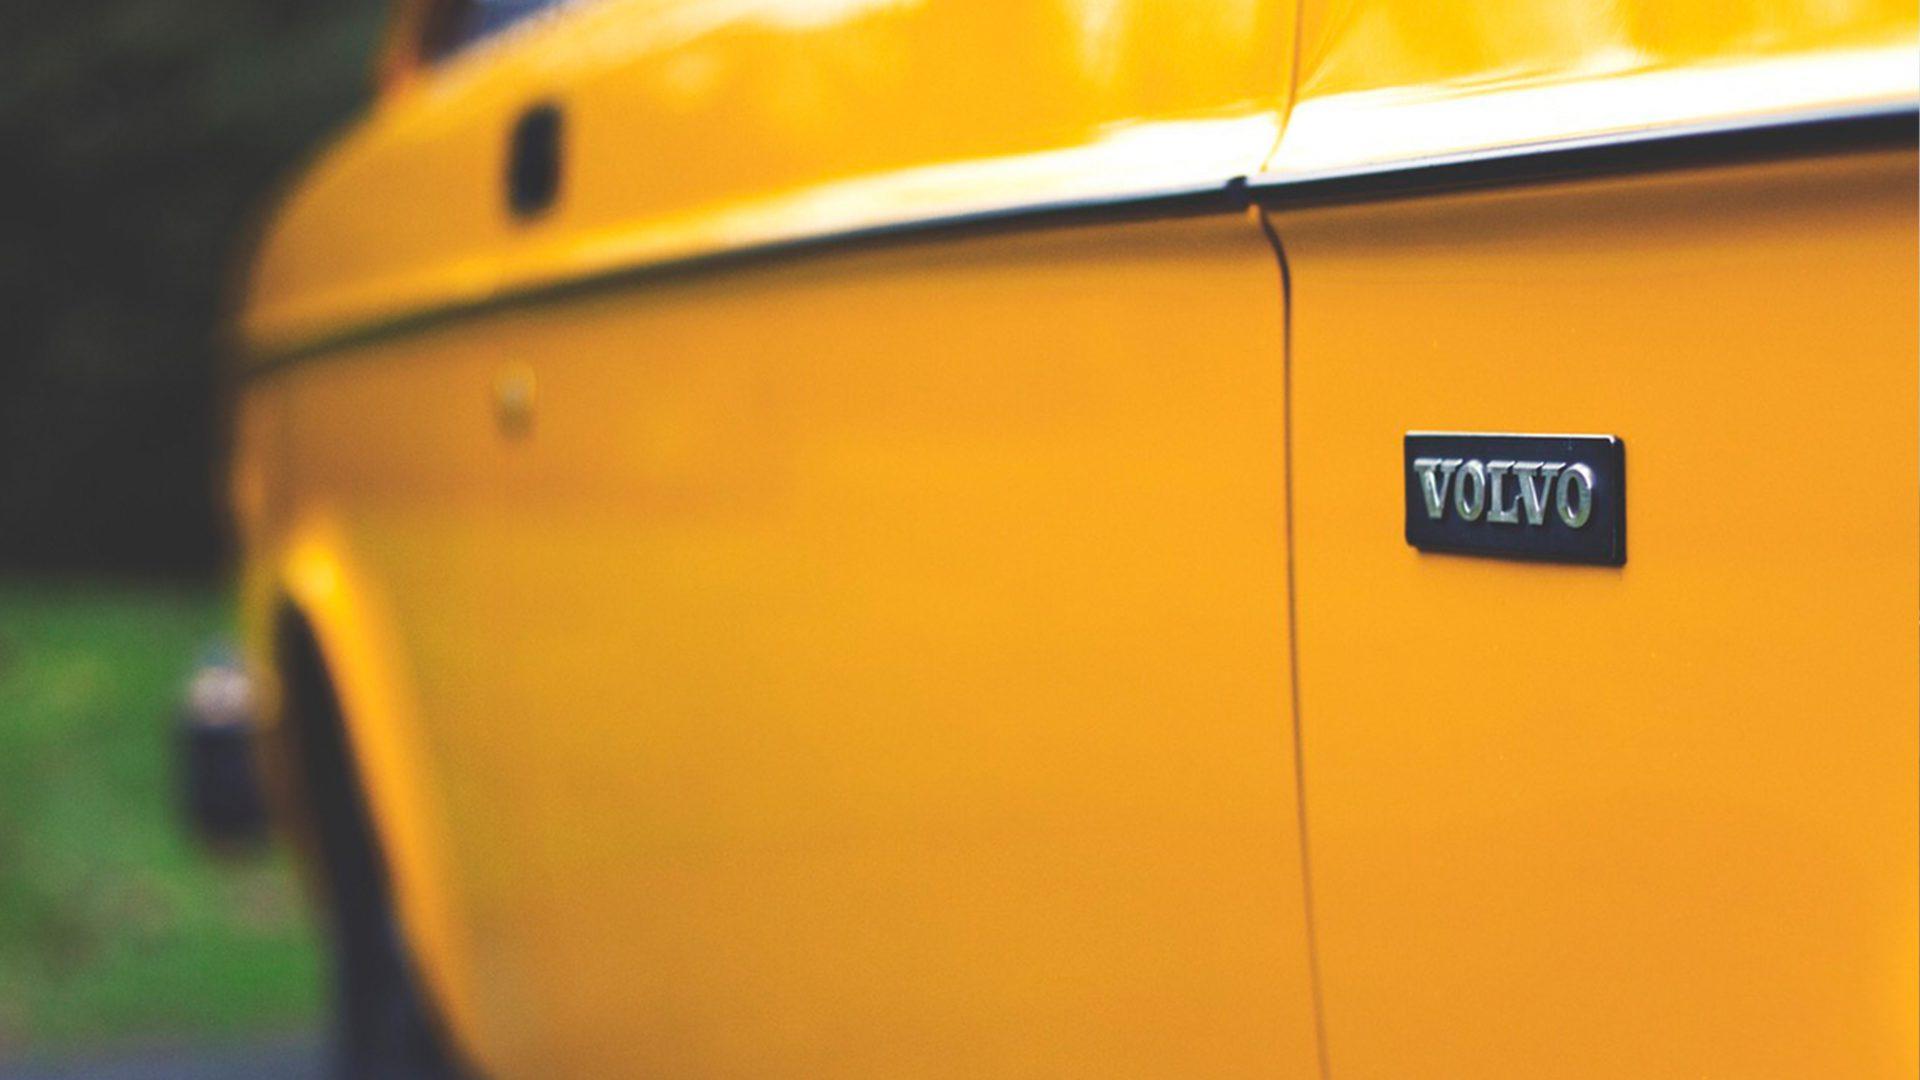 Volvo war schon immer Vorreiter, wenn es um die Sicherheit geht 5